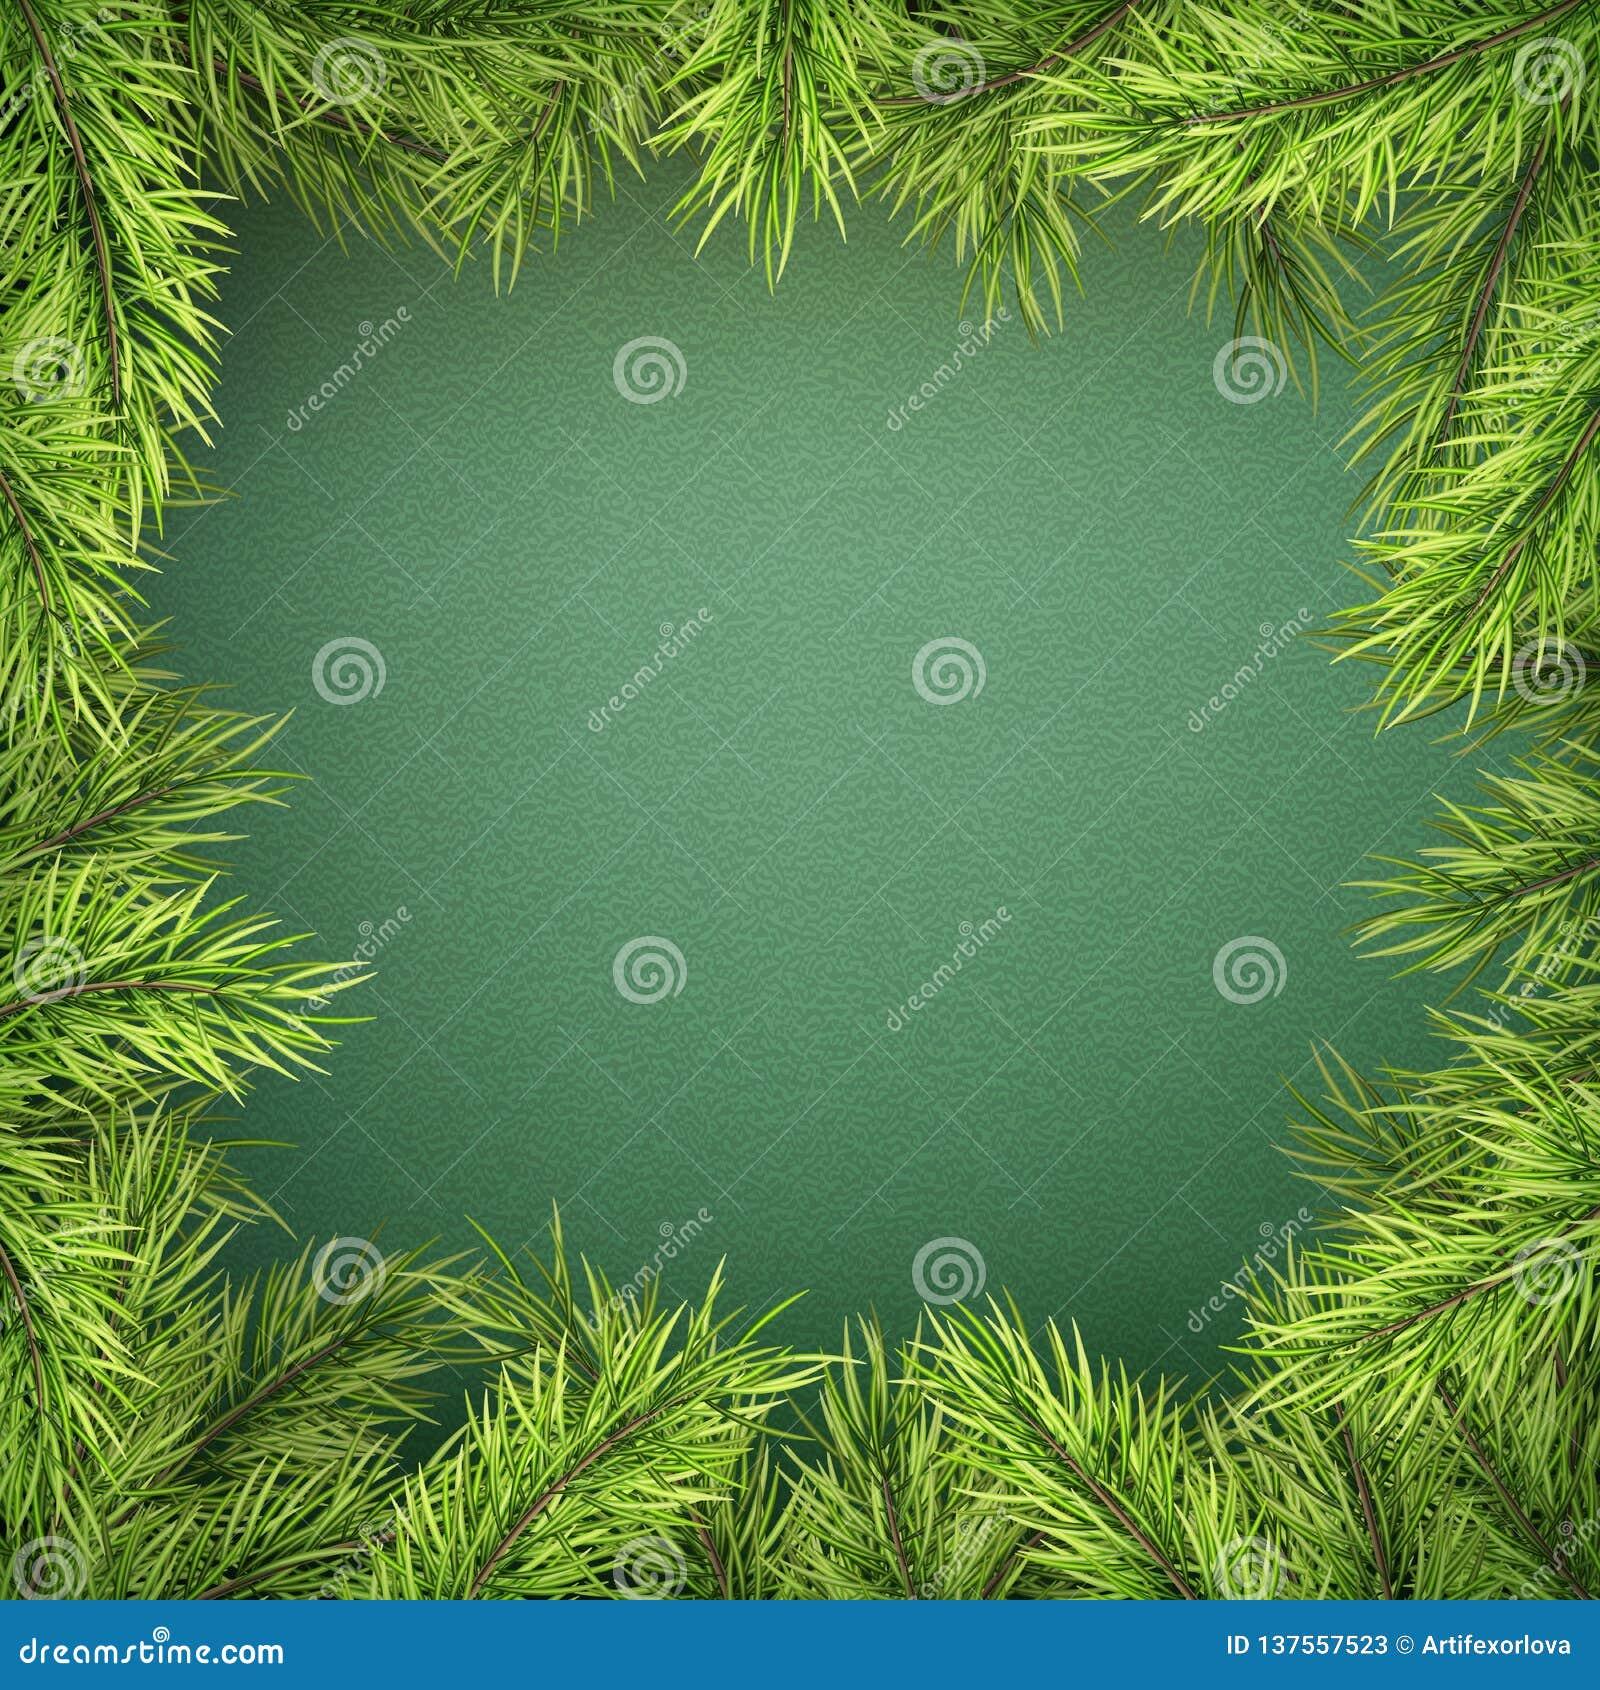 Karte mit Weihnachtsbaumgrenze, realistischer Tannenbaumniederlassungsrahmen auf grünem Hintergrund ENV 10